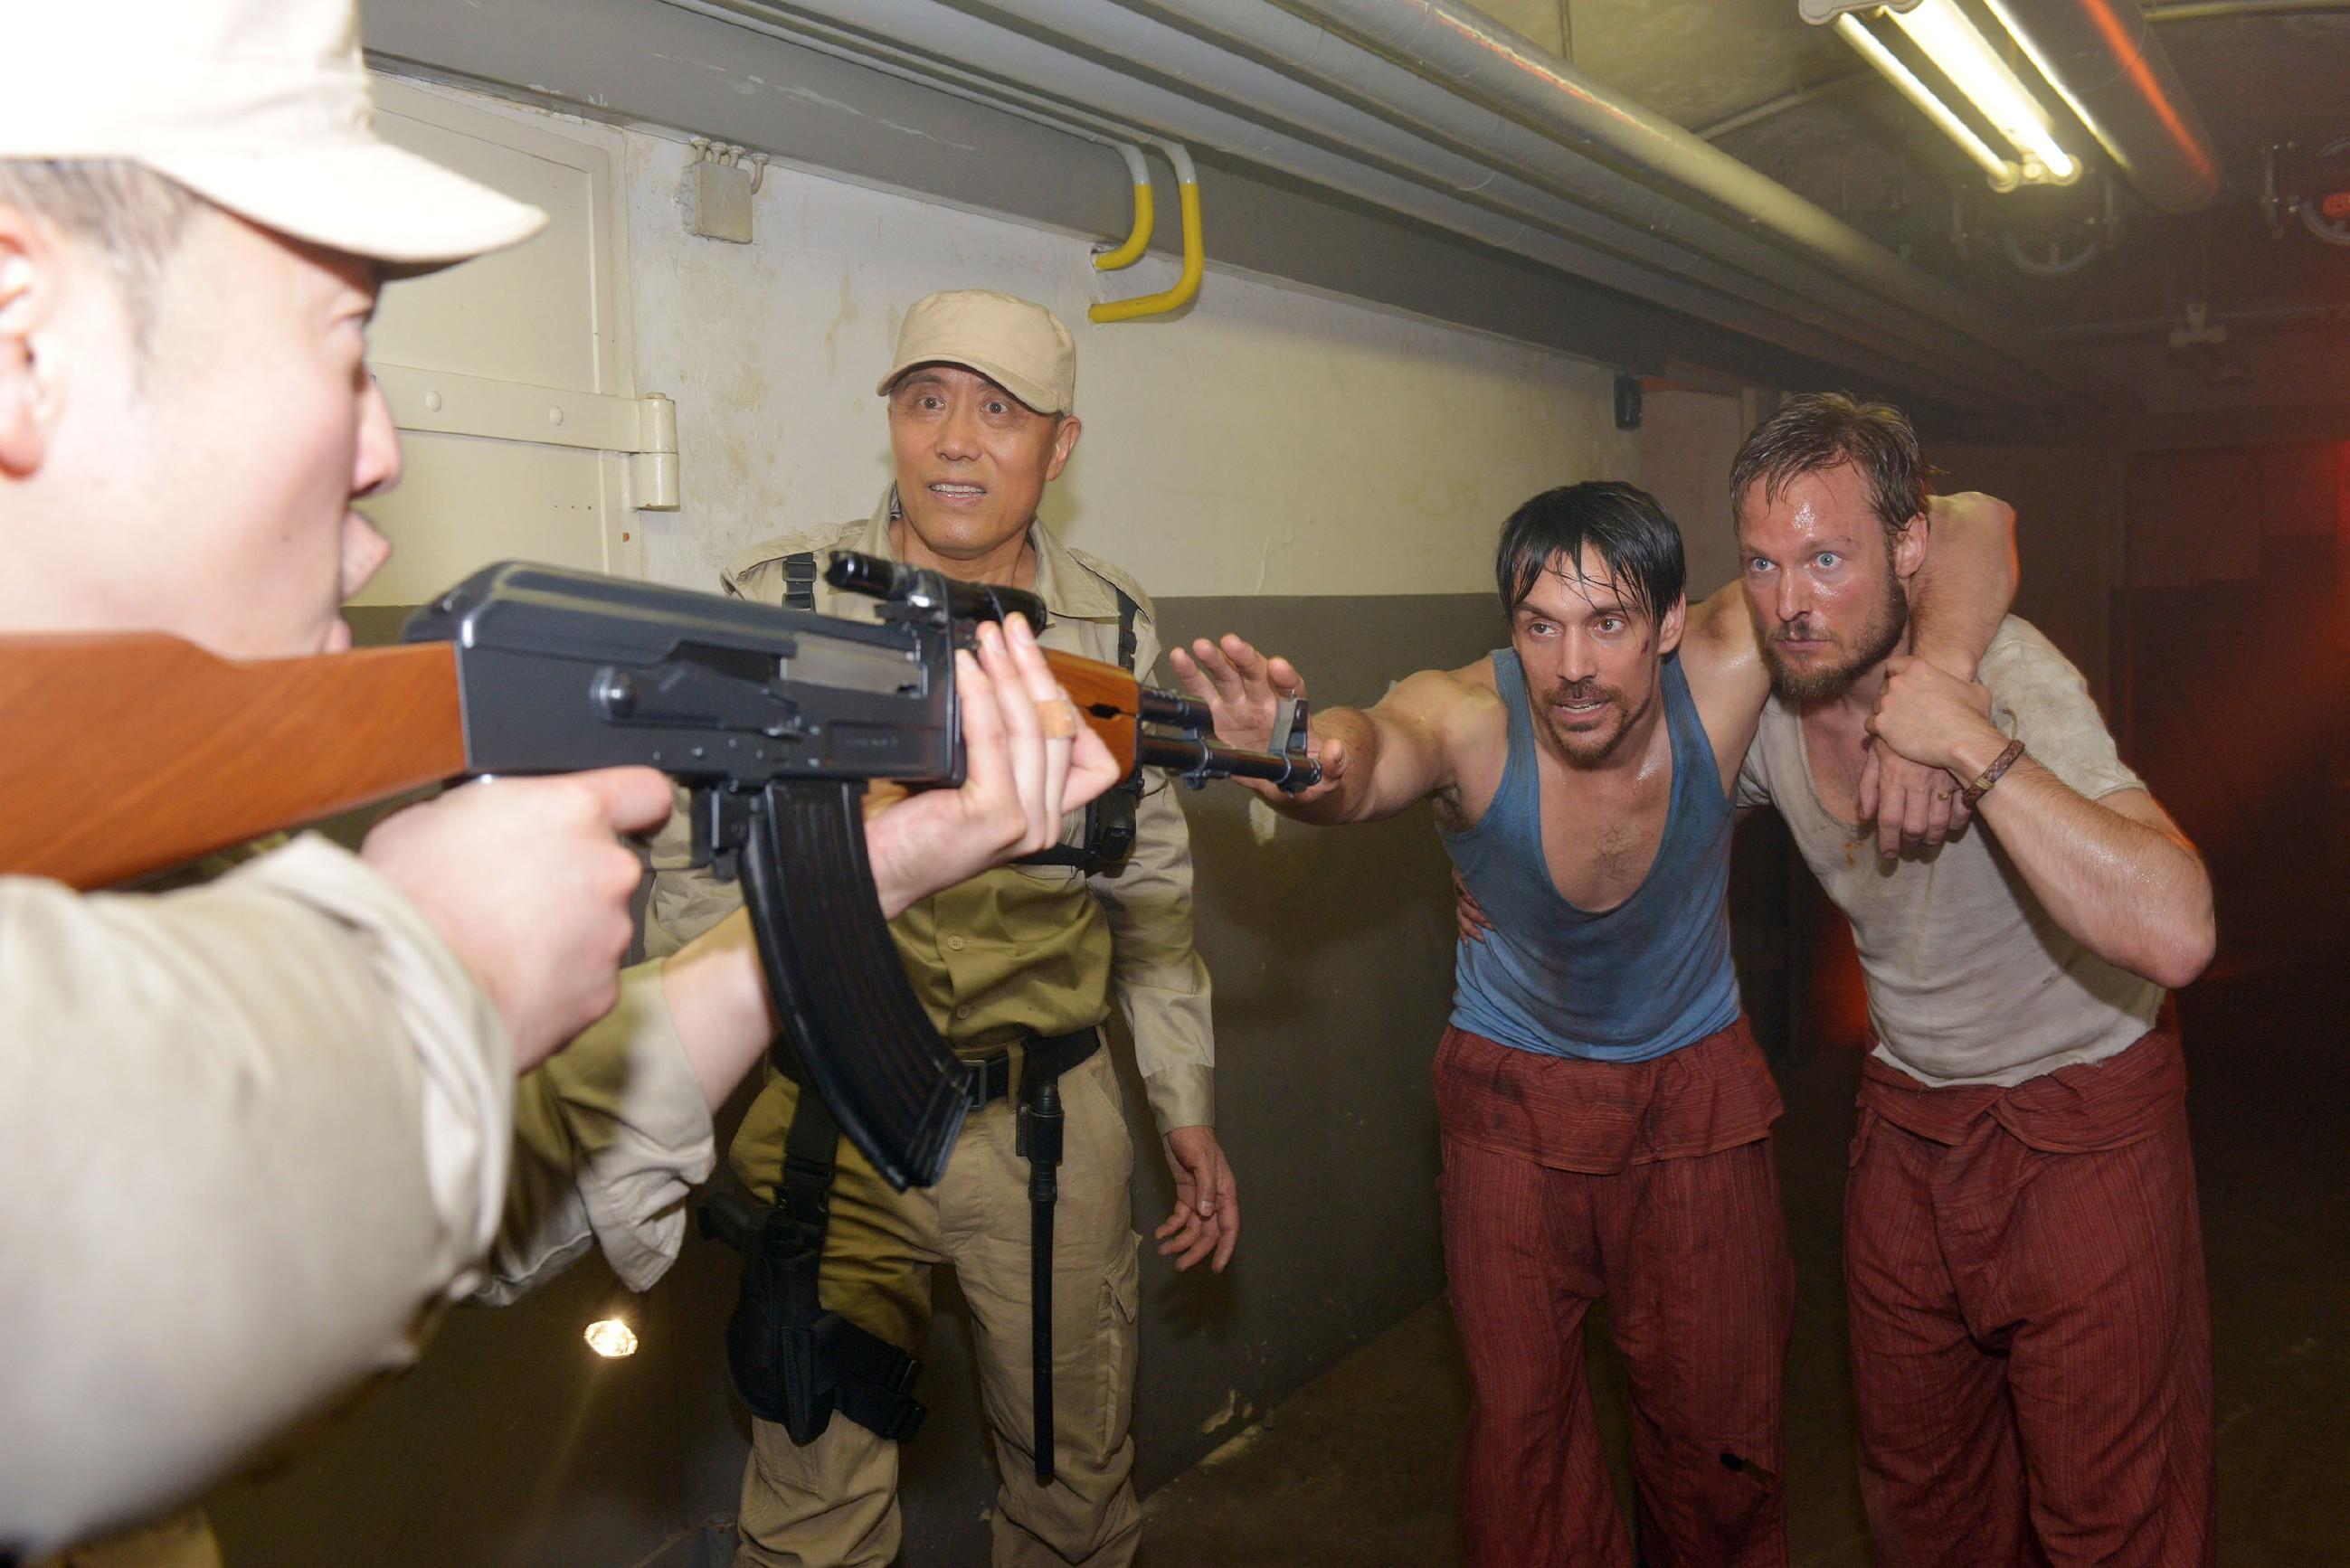 Davids (Philipp Christopher, 2.v.r.) und Tommys (Marc Bluhm, r.) Fluchtversuch aus dem malaysischen Gefängnis scheint an den bewaffneten Aufsehern (Komparsen) zu scheitern... (Quelle: RTL / Rolf Baumgartner)